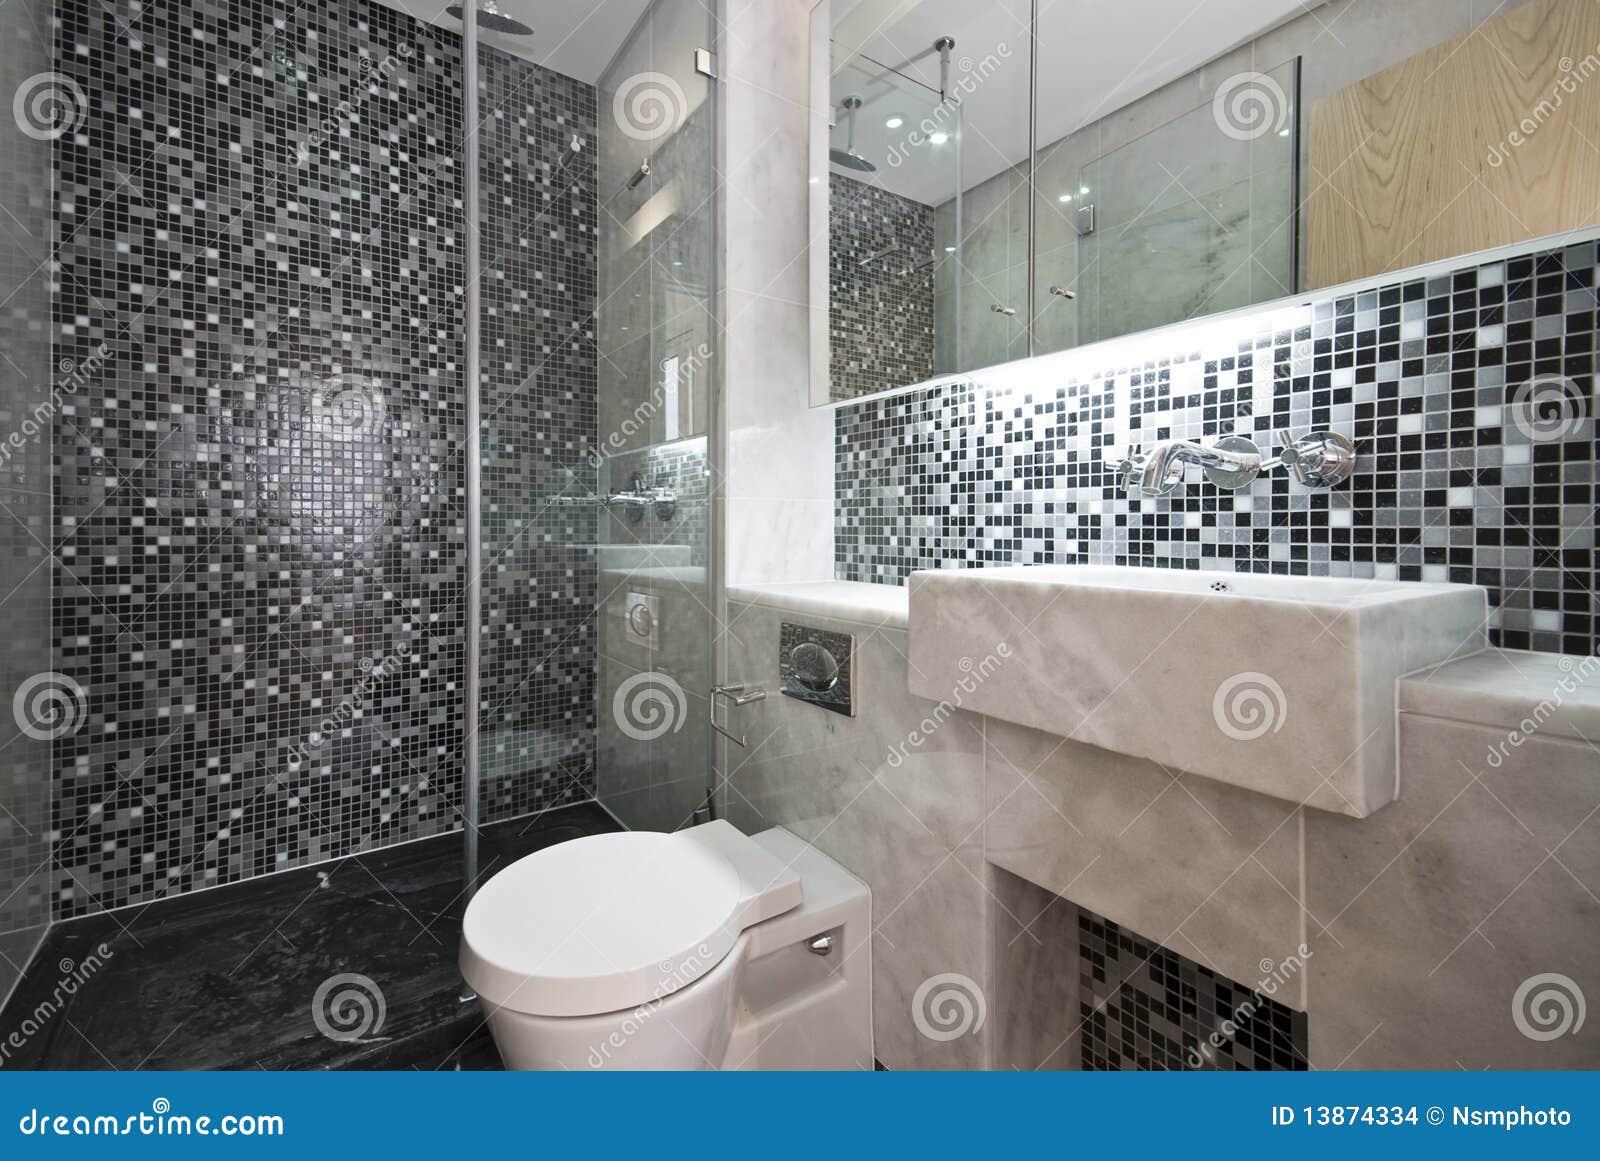 Banheiro Luxuoso Em Preto E Branco Imagens de Stock  Imagem 13874334 -> Banheiros Modernos Em Preto E Branco